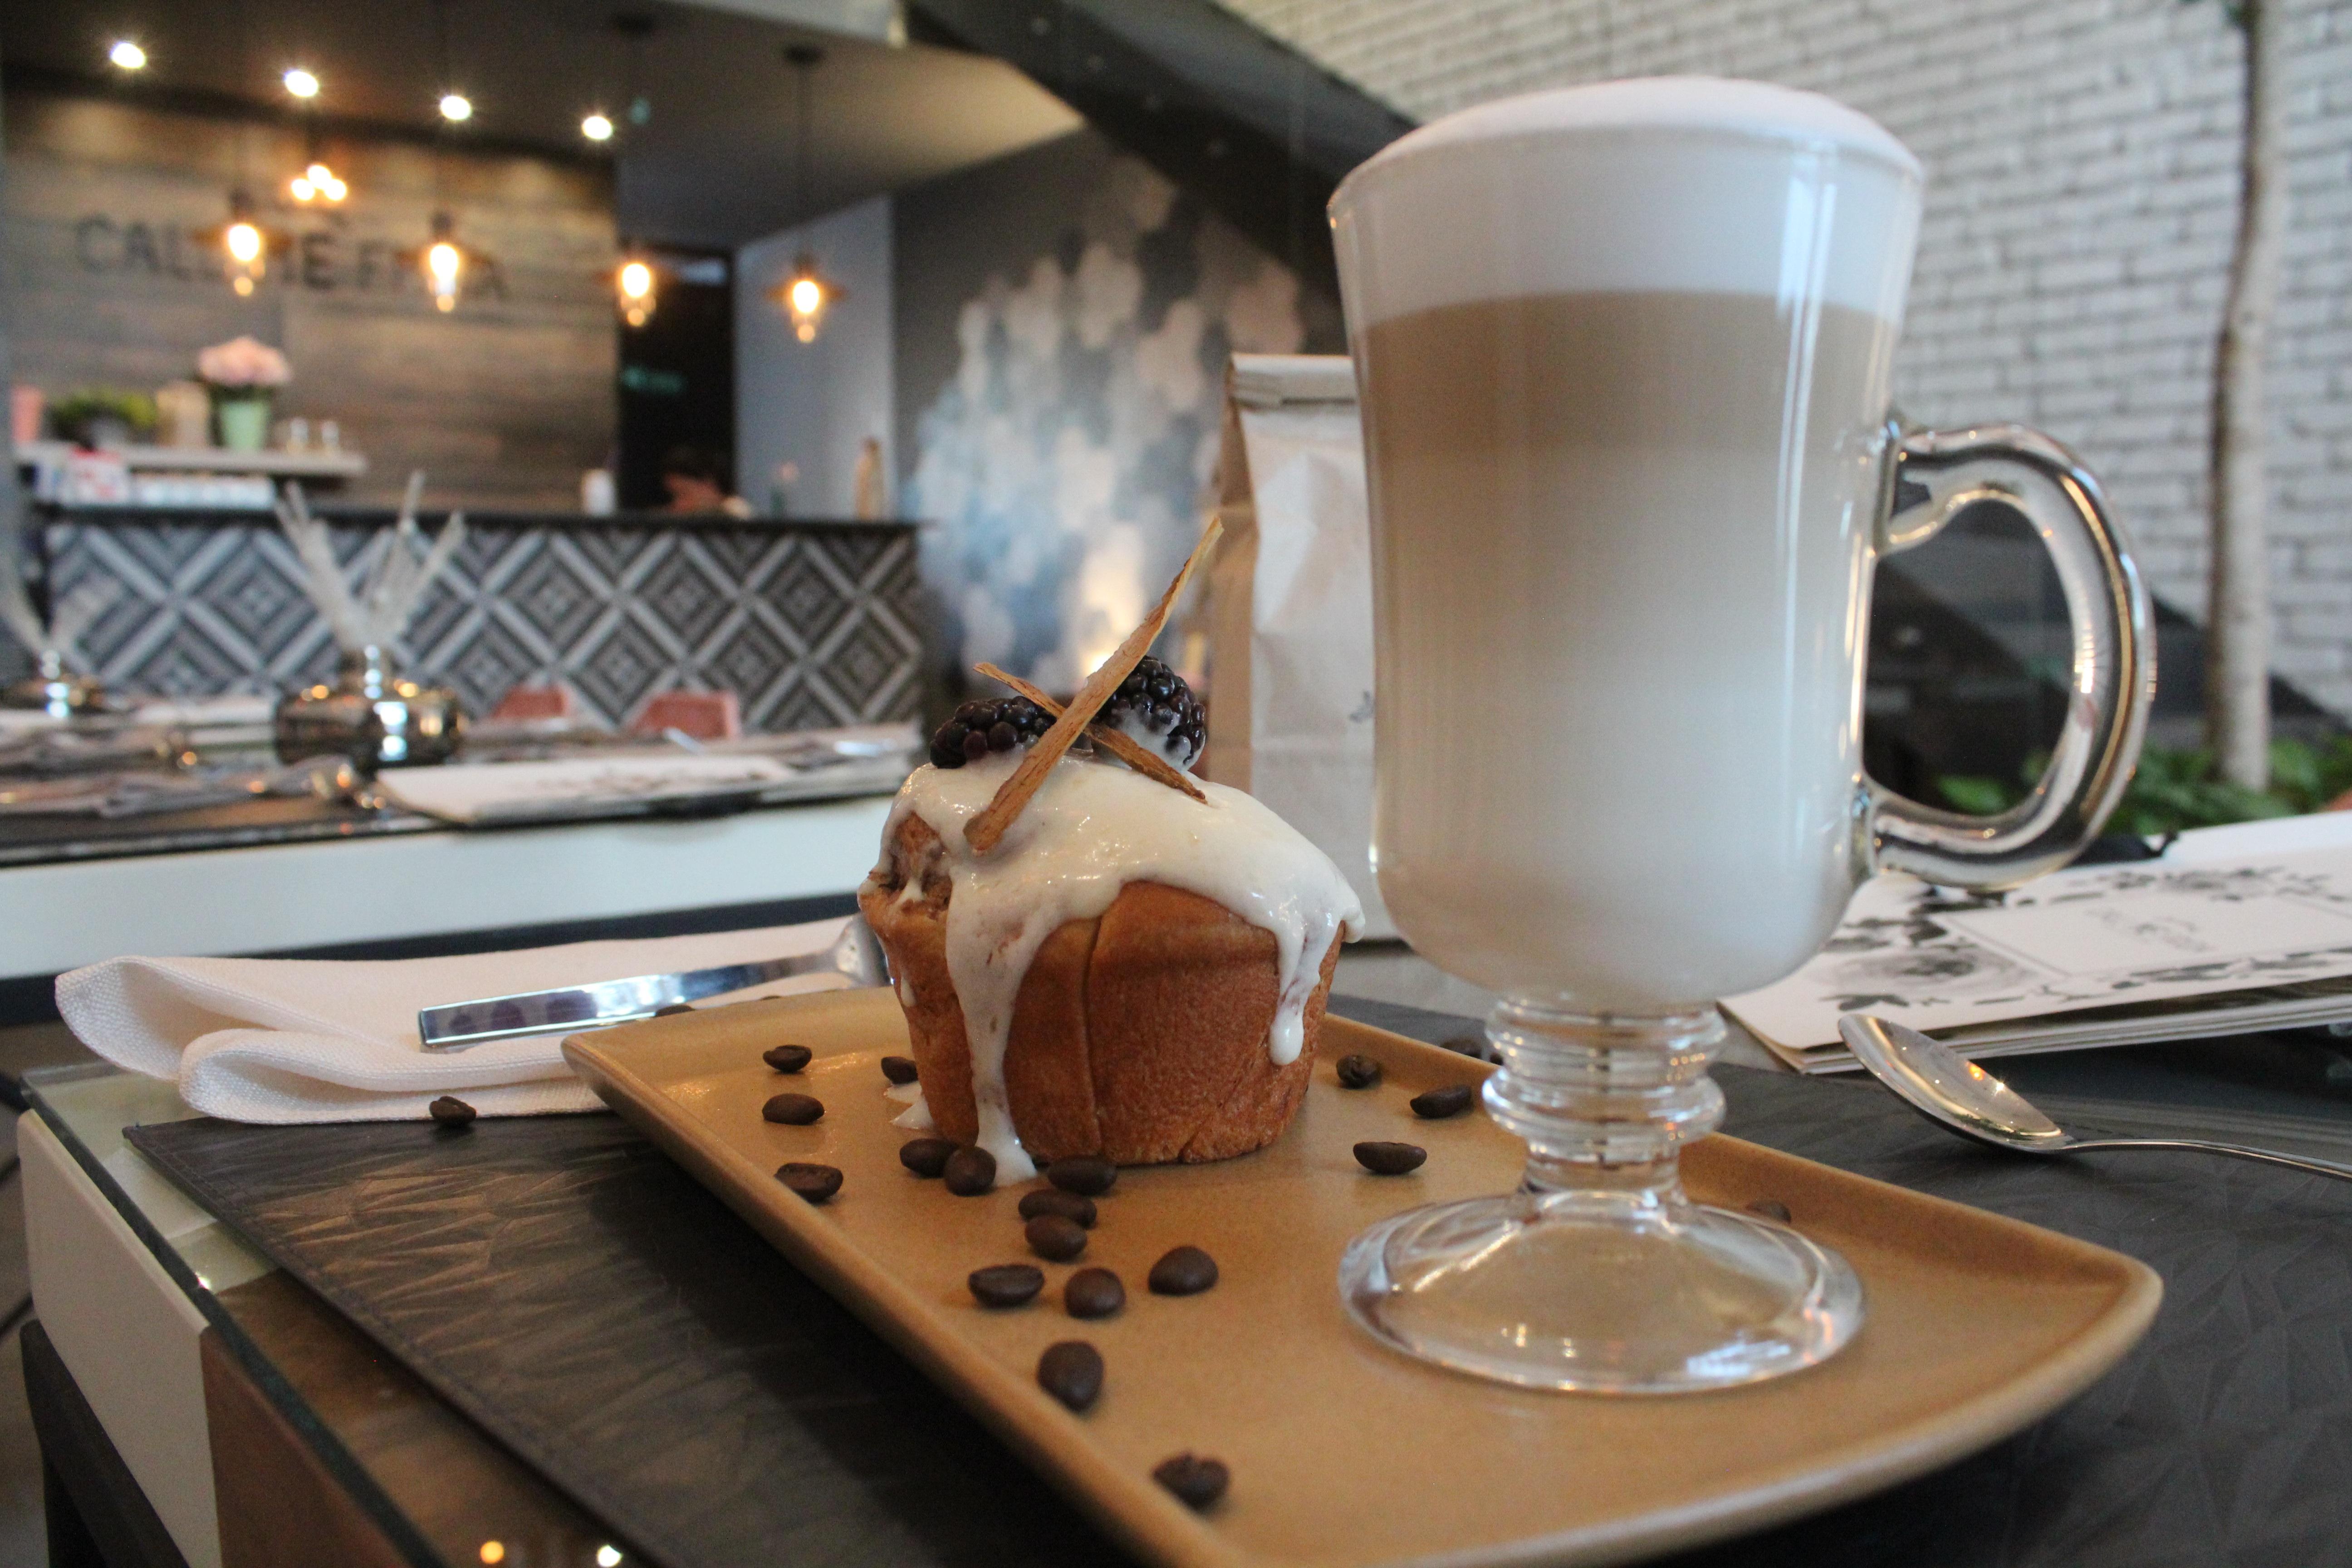 картинки с красивыми кафе лофтовое